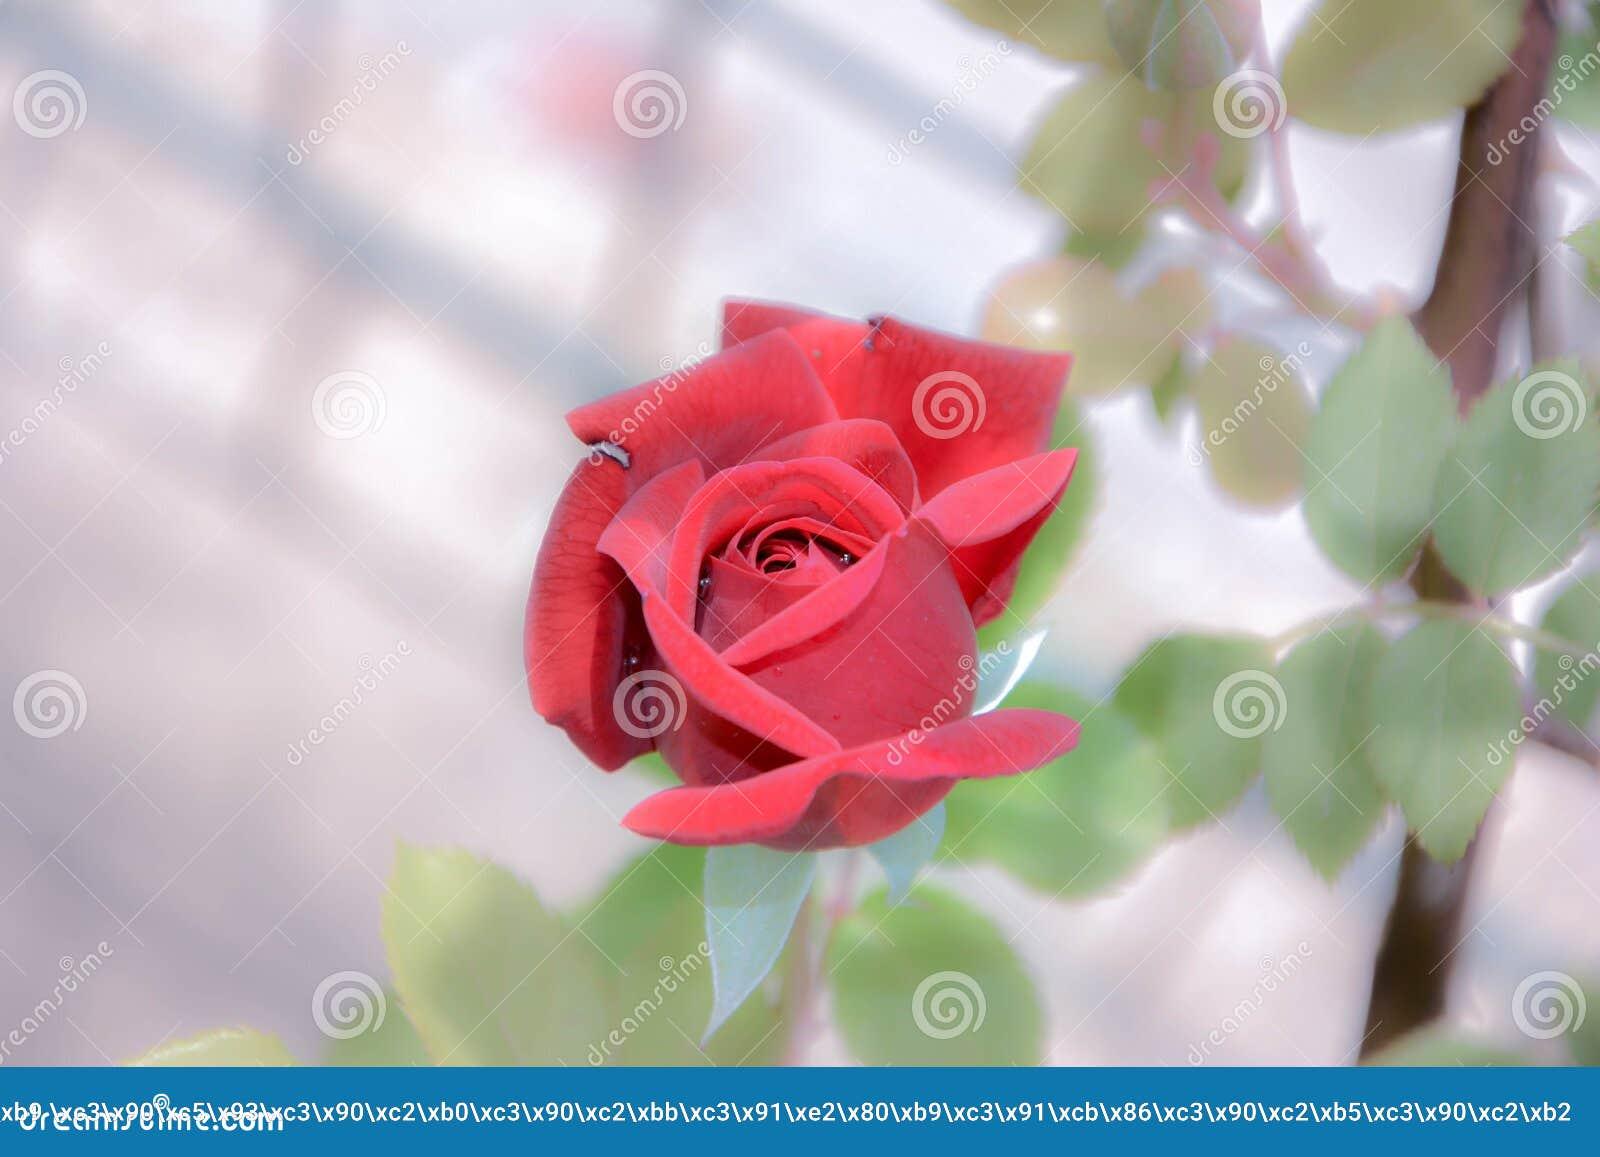 Photo D Image D Une Belle Fleur Rose Avec Un Bourgeon Rouge Avec Des